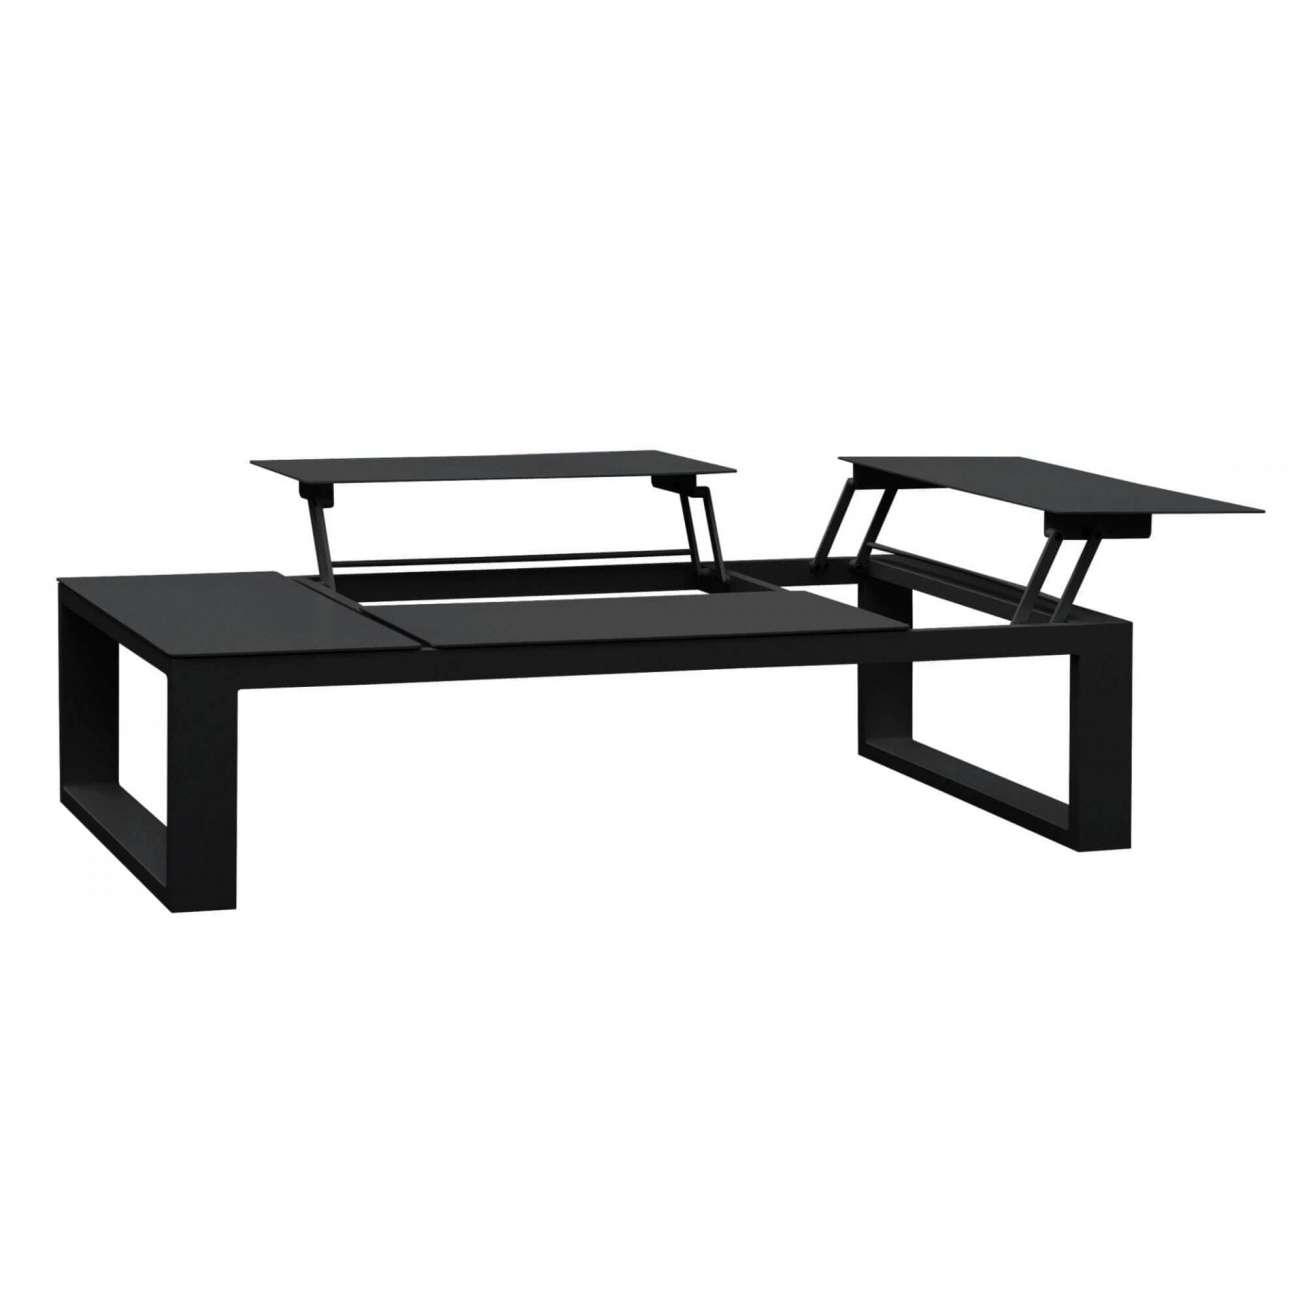 Sofabord i sort aluminium med oppløft som kan bli til spisebord i sort - fra Gardenart